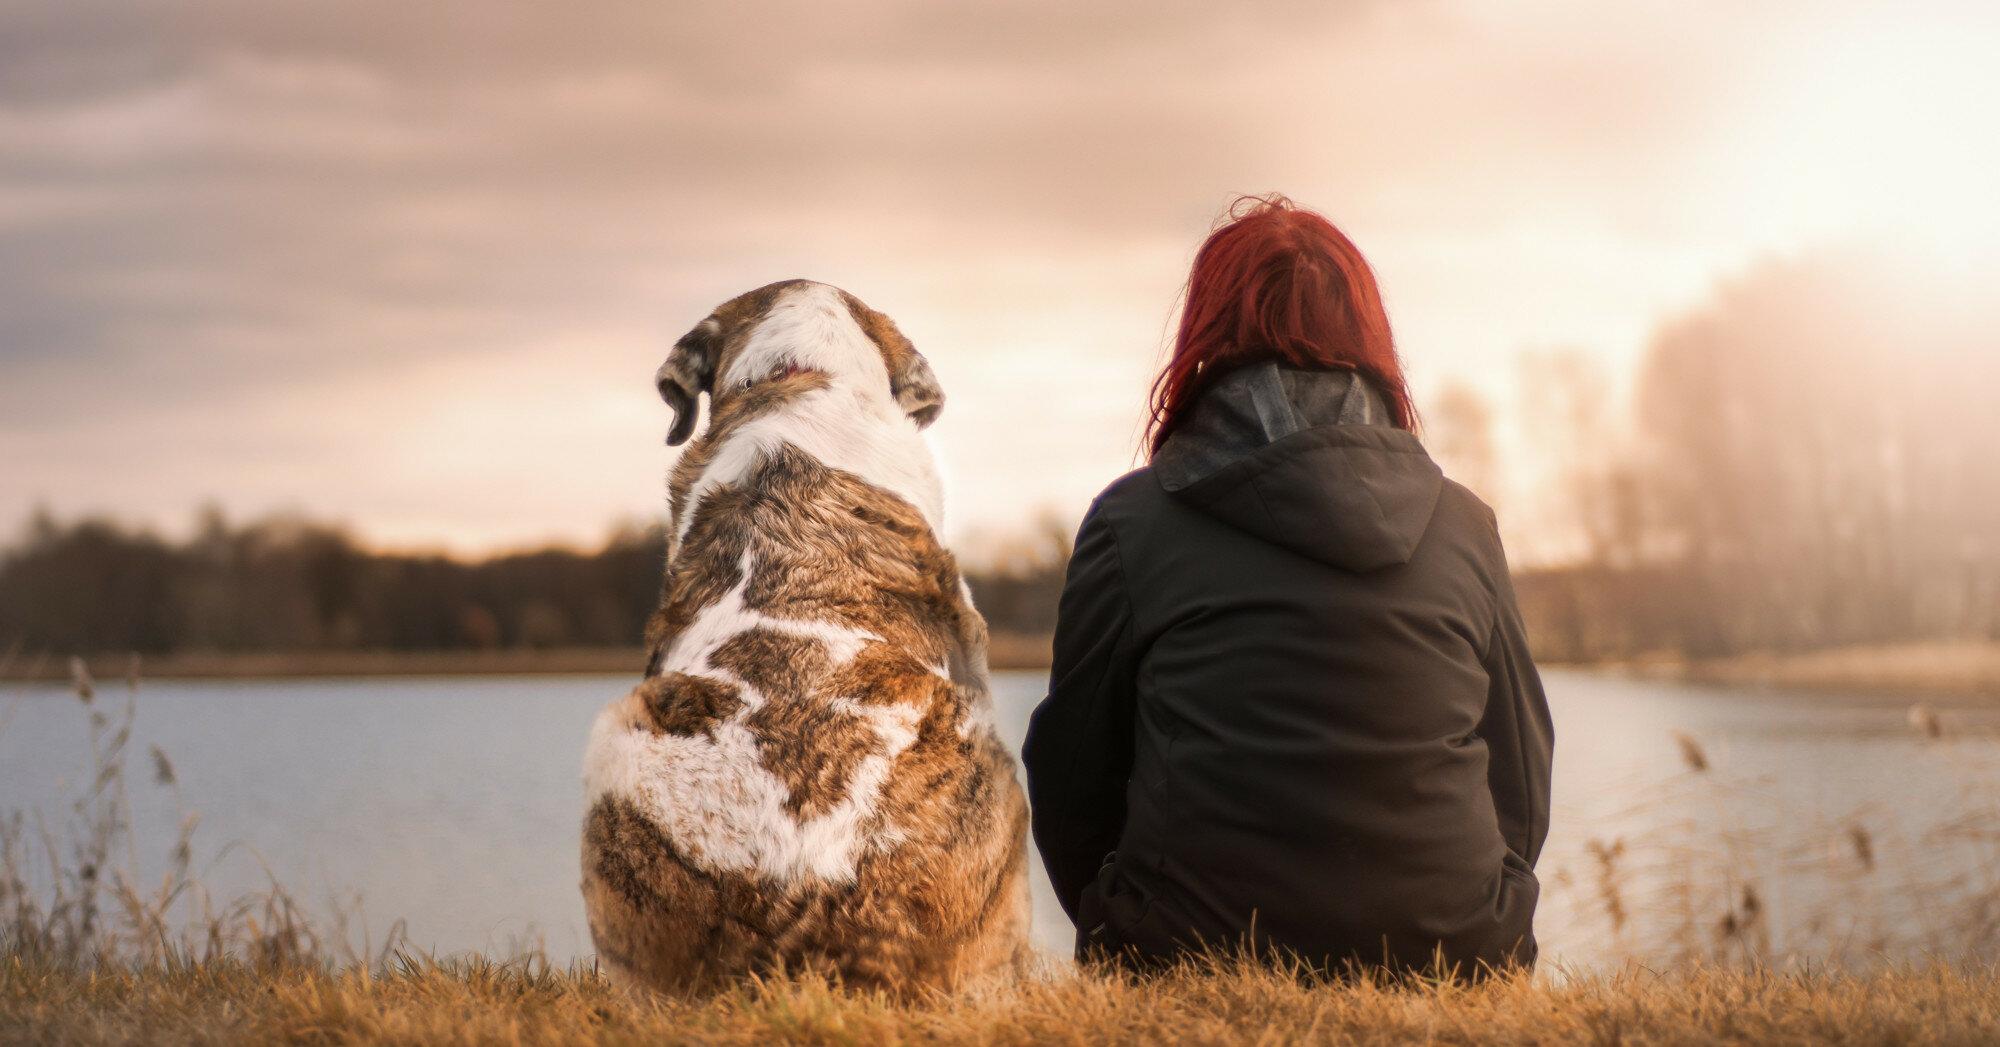 Полезно ли обнимать собак: что говорят ученые